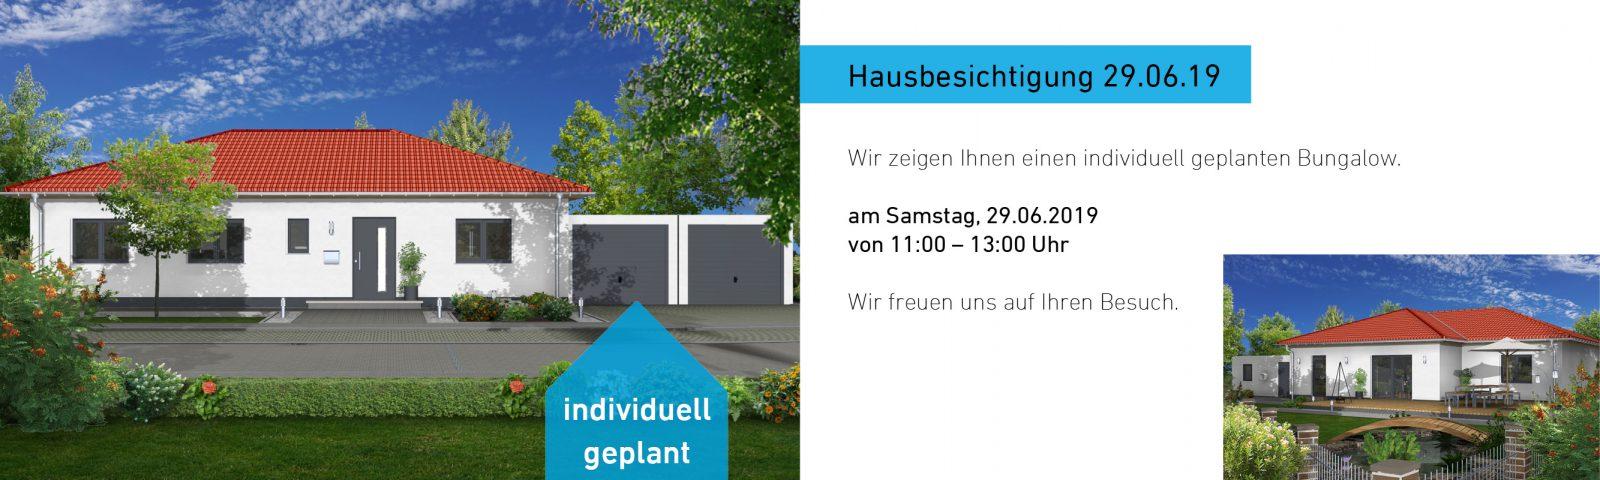 Hausbesichtigung in Mandelbachtal